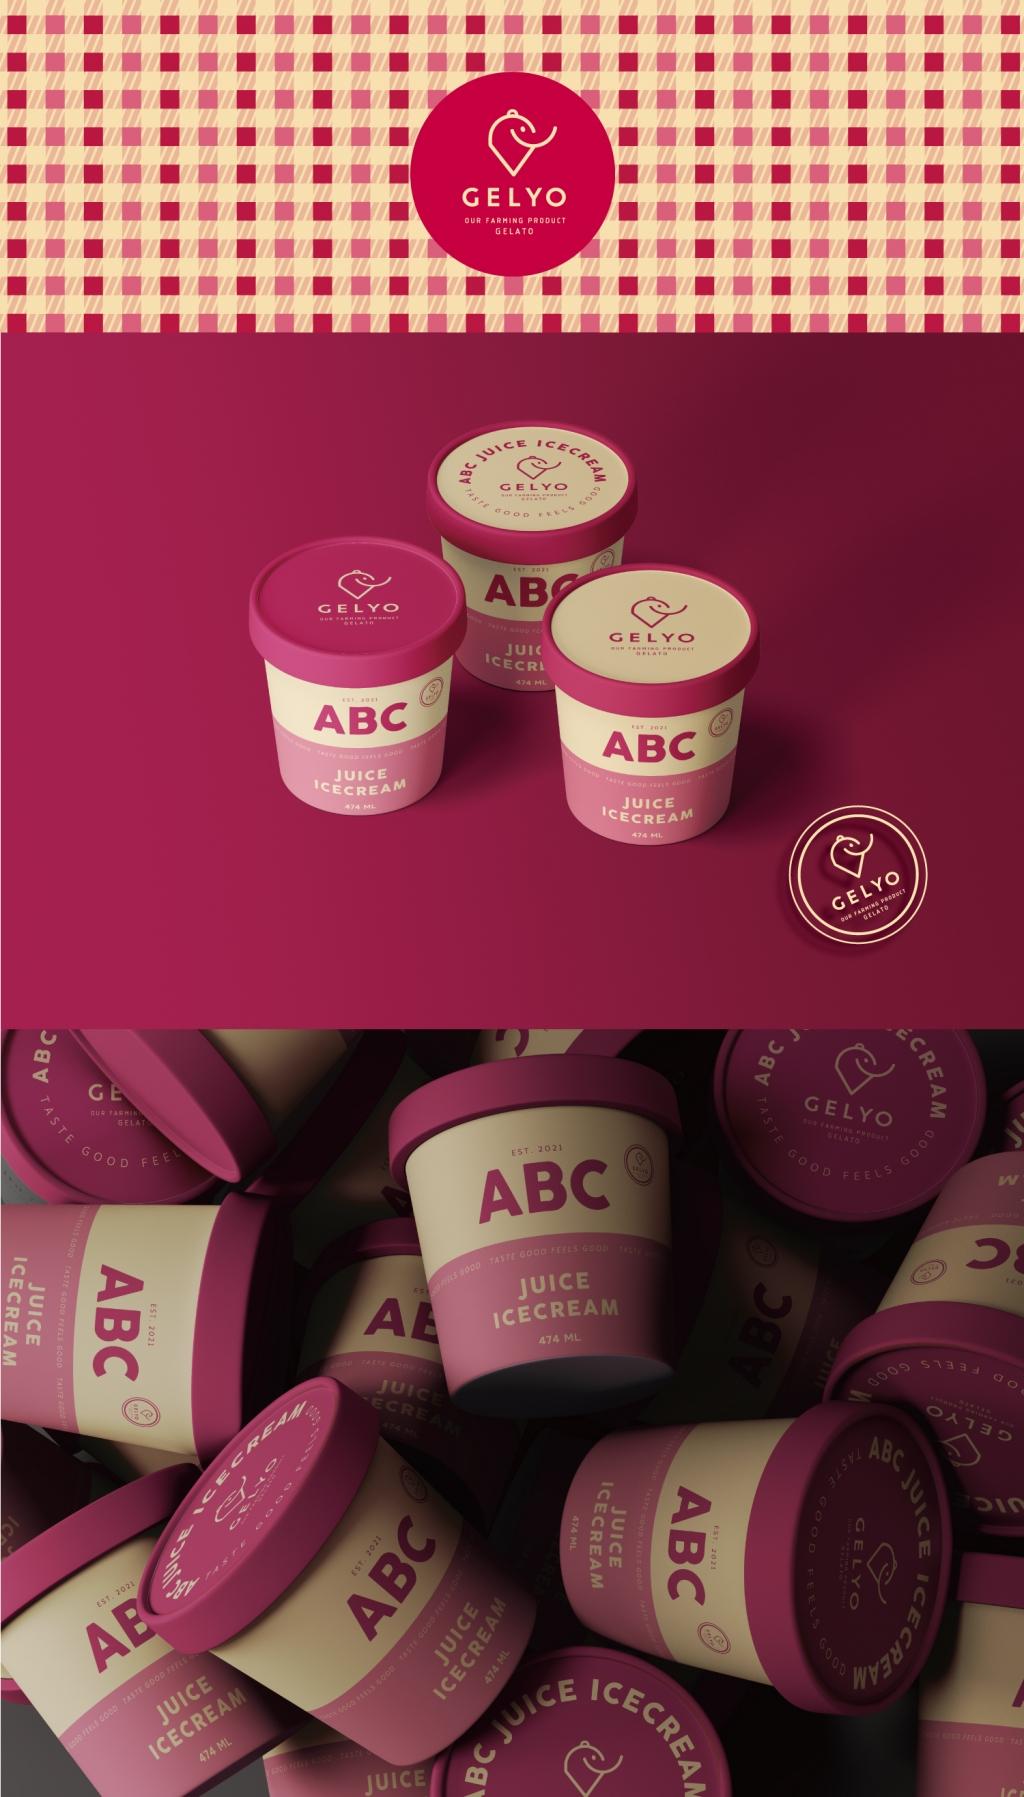 패키지 디자인 | 젤요 ABC샤베트 아이스크림 신제품 패키지 의뢰 | 라우드소싱 포트폴리오